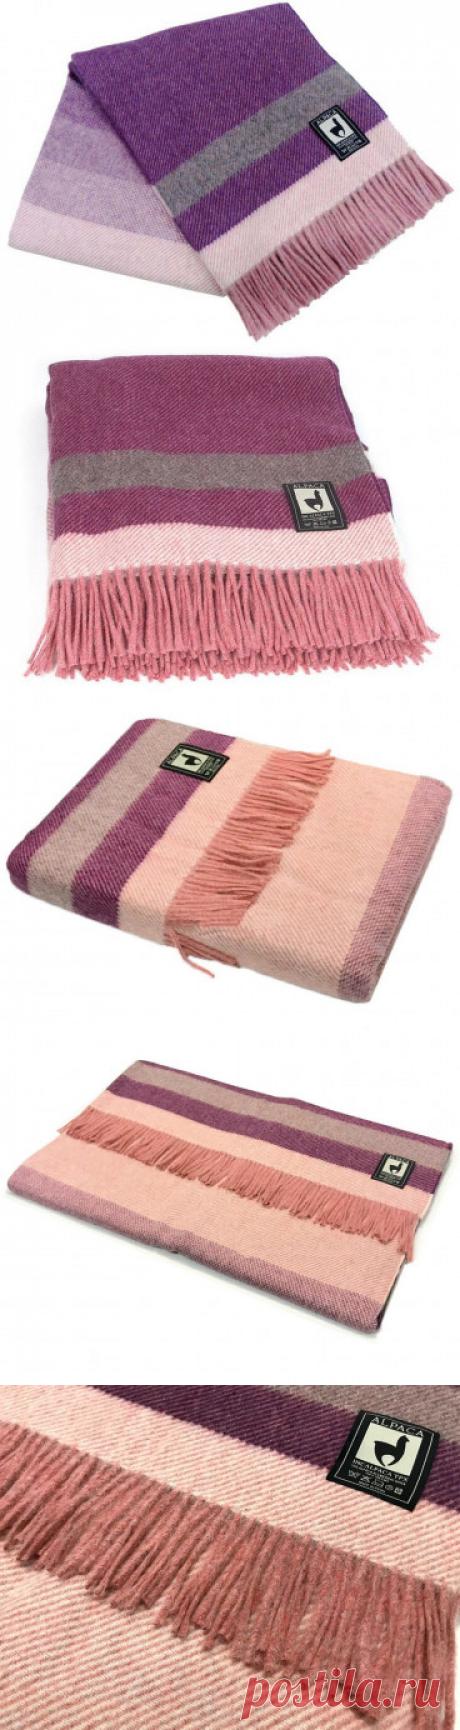 Плед из натуральной шерсти альпака и мериноса производства Перу, приятный на ощупь и очень теплый. Незаменимый подарок в прохладную погоду.